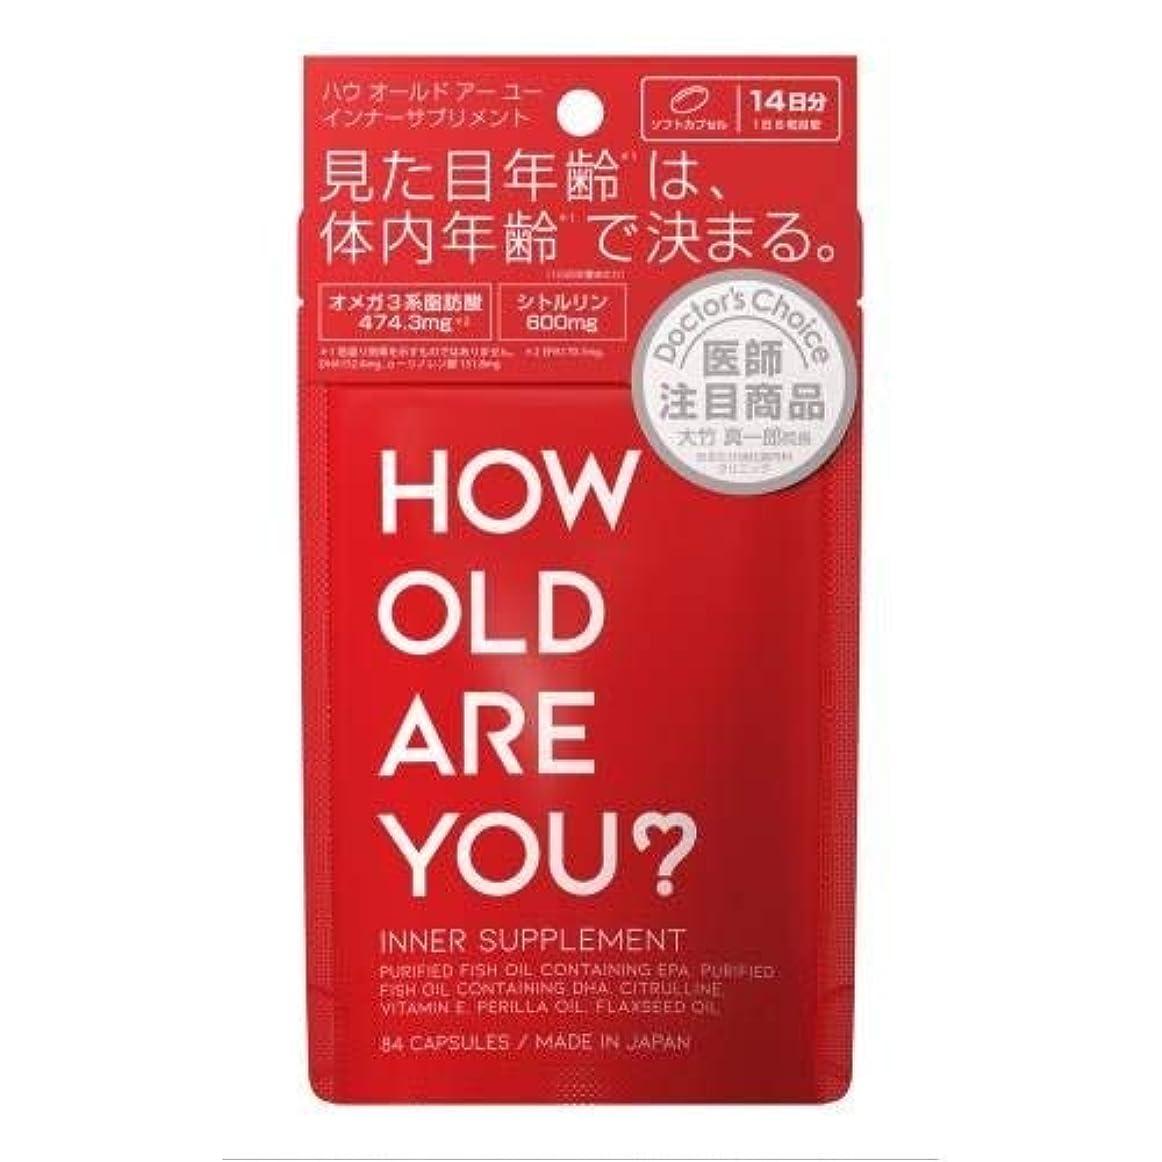 舌な平らにするムス【3個セット】HOW OLD ARE YOU?インナーサプリメント 84粒